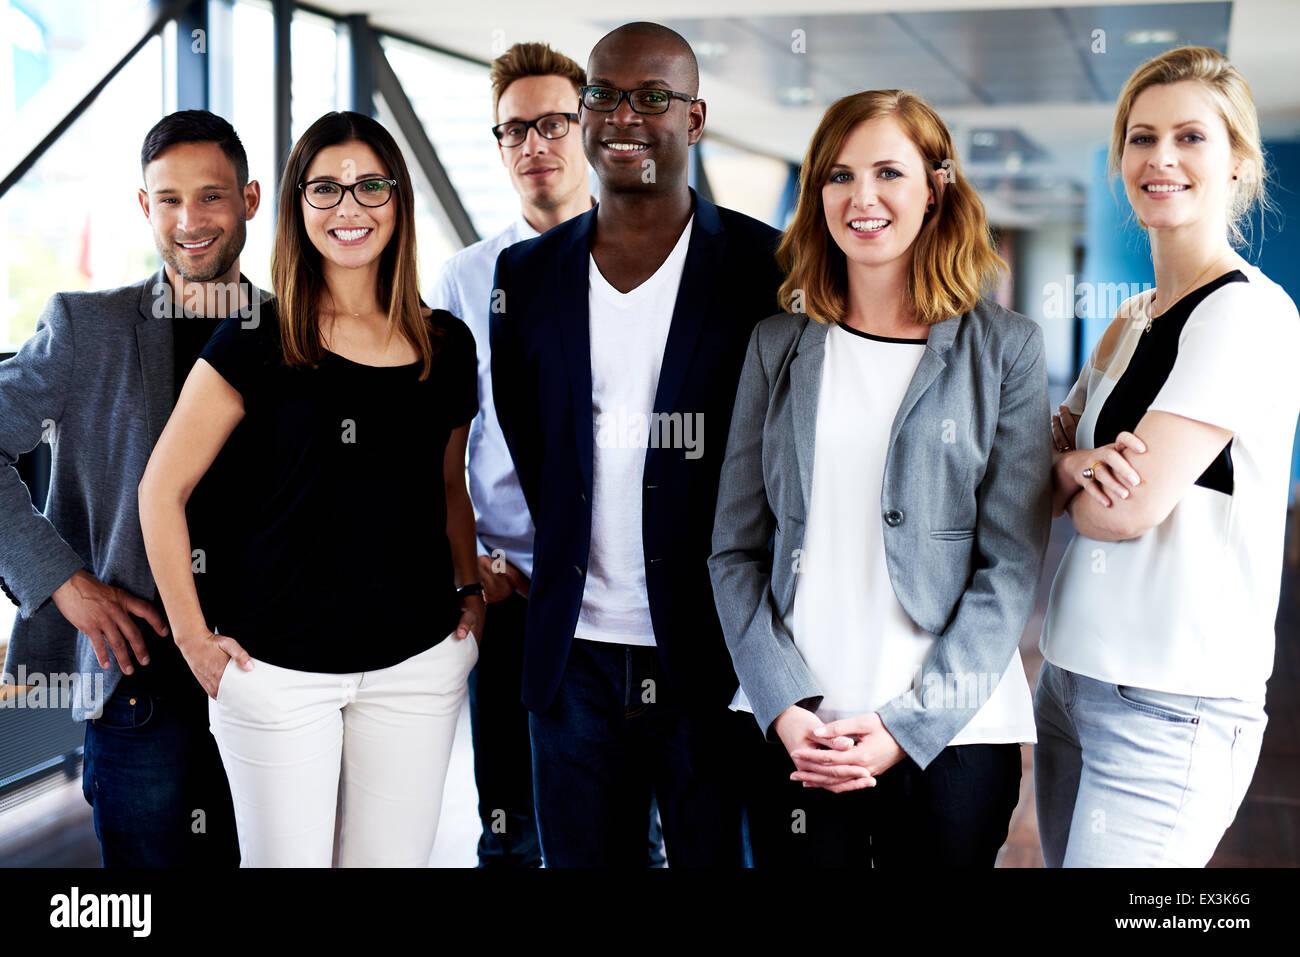 Grupo de jóvenes ejecutivos de pie, sonriendo ante la cámara y posando para la foto Imagen De Stock